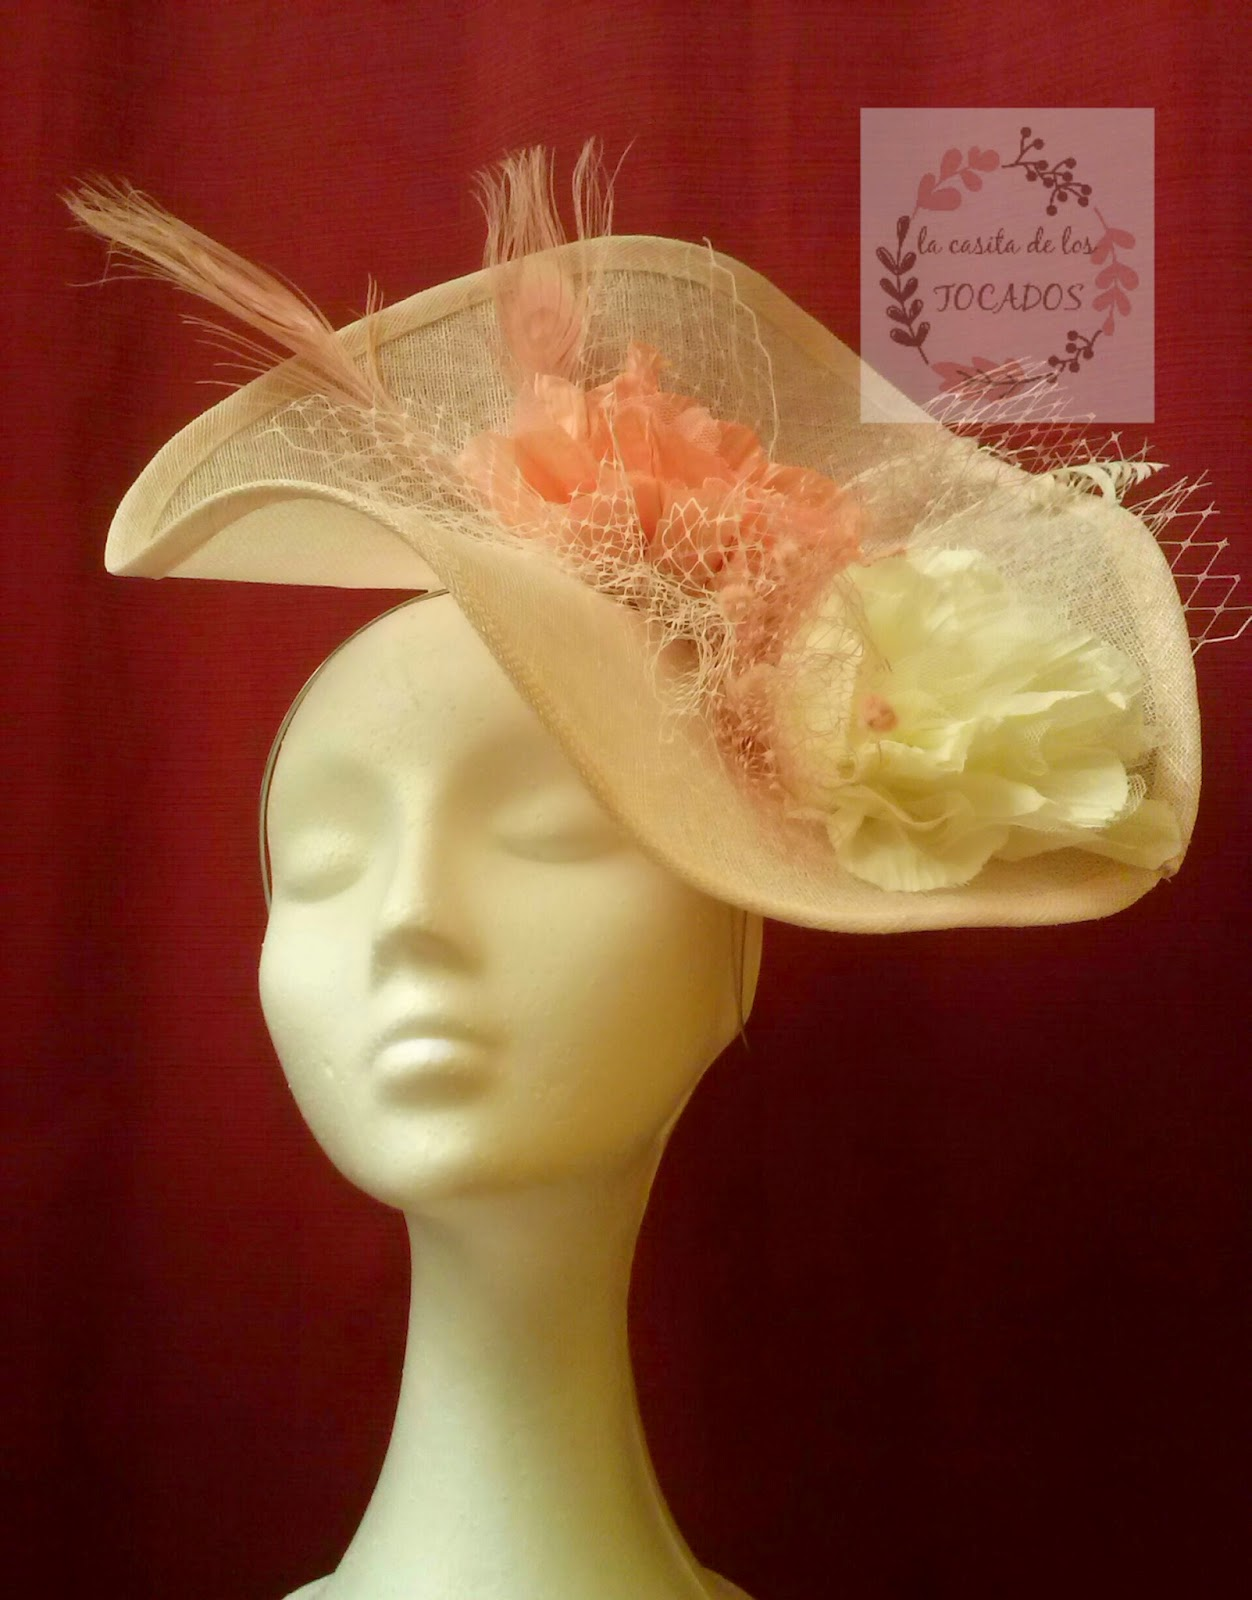 tocado de sinamay en colores rosa vintage y crudo con velo, plumas y flores a modo de pamela para boda de día